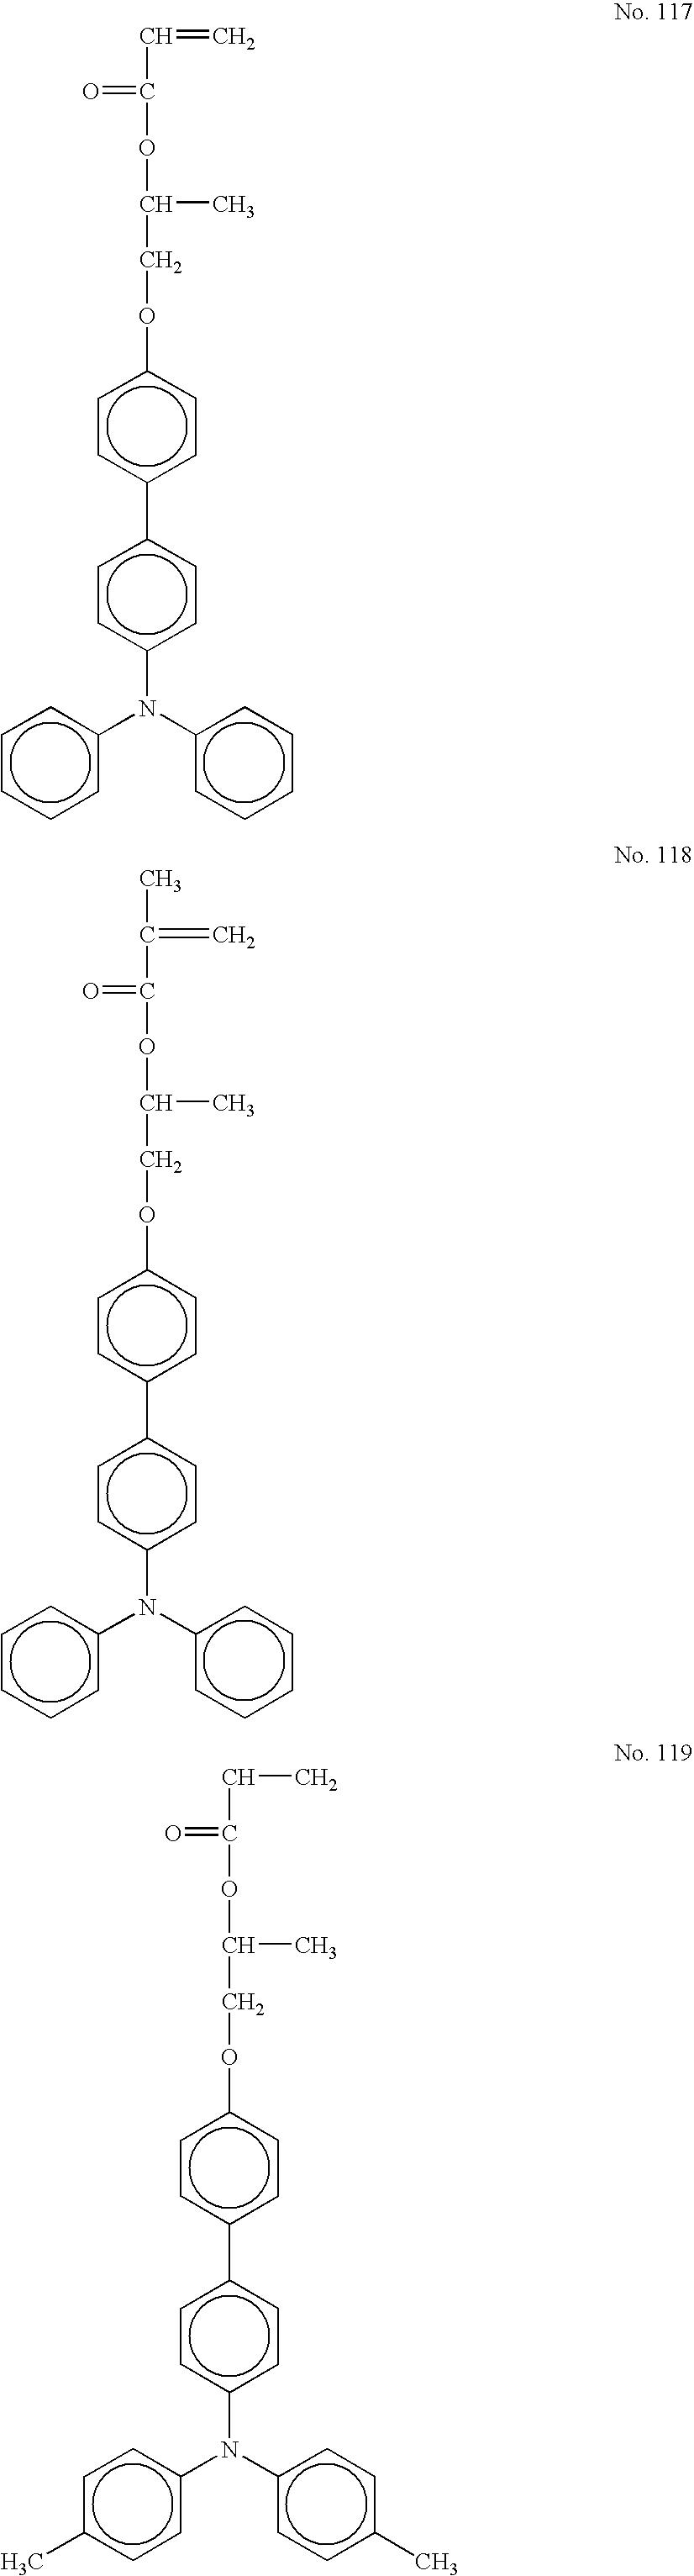 Figure US07361438-20080422-C00047